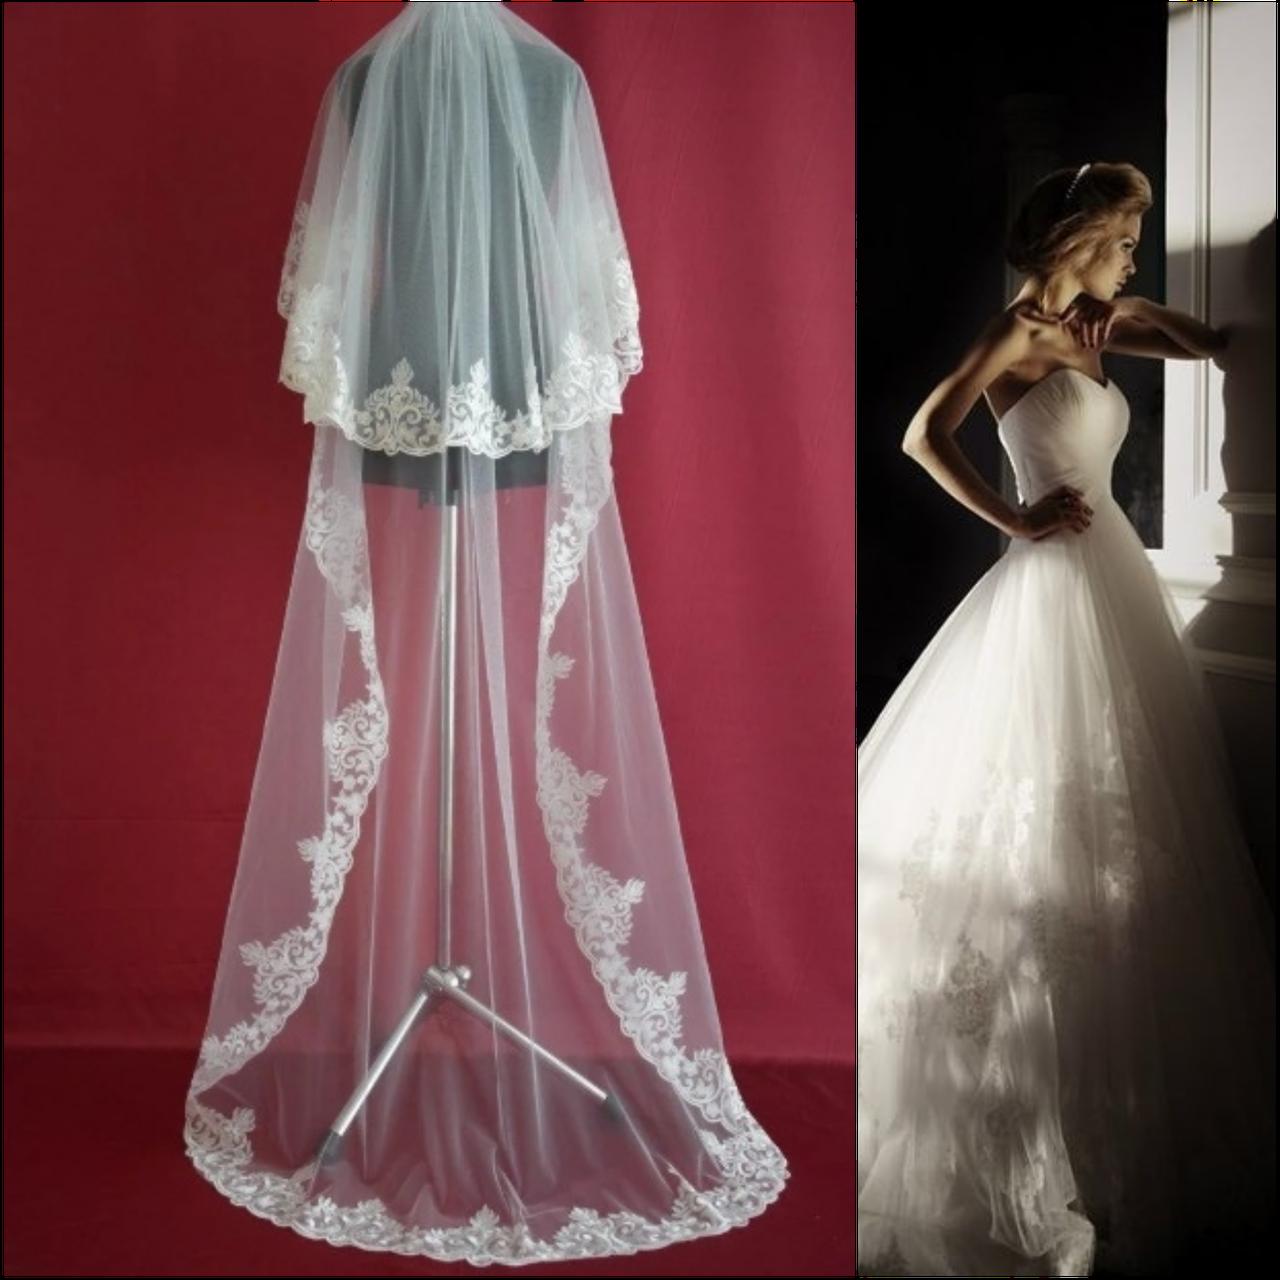 Вау! Ажурная двухъярусная длинная свадебная Фата SF для Невесты Белая/Айвори (sf-294)